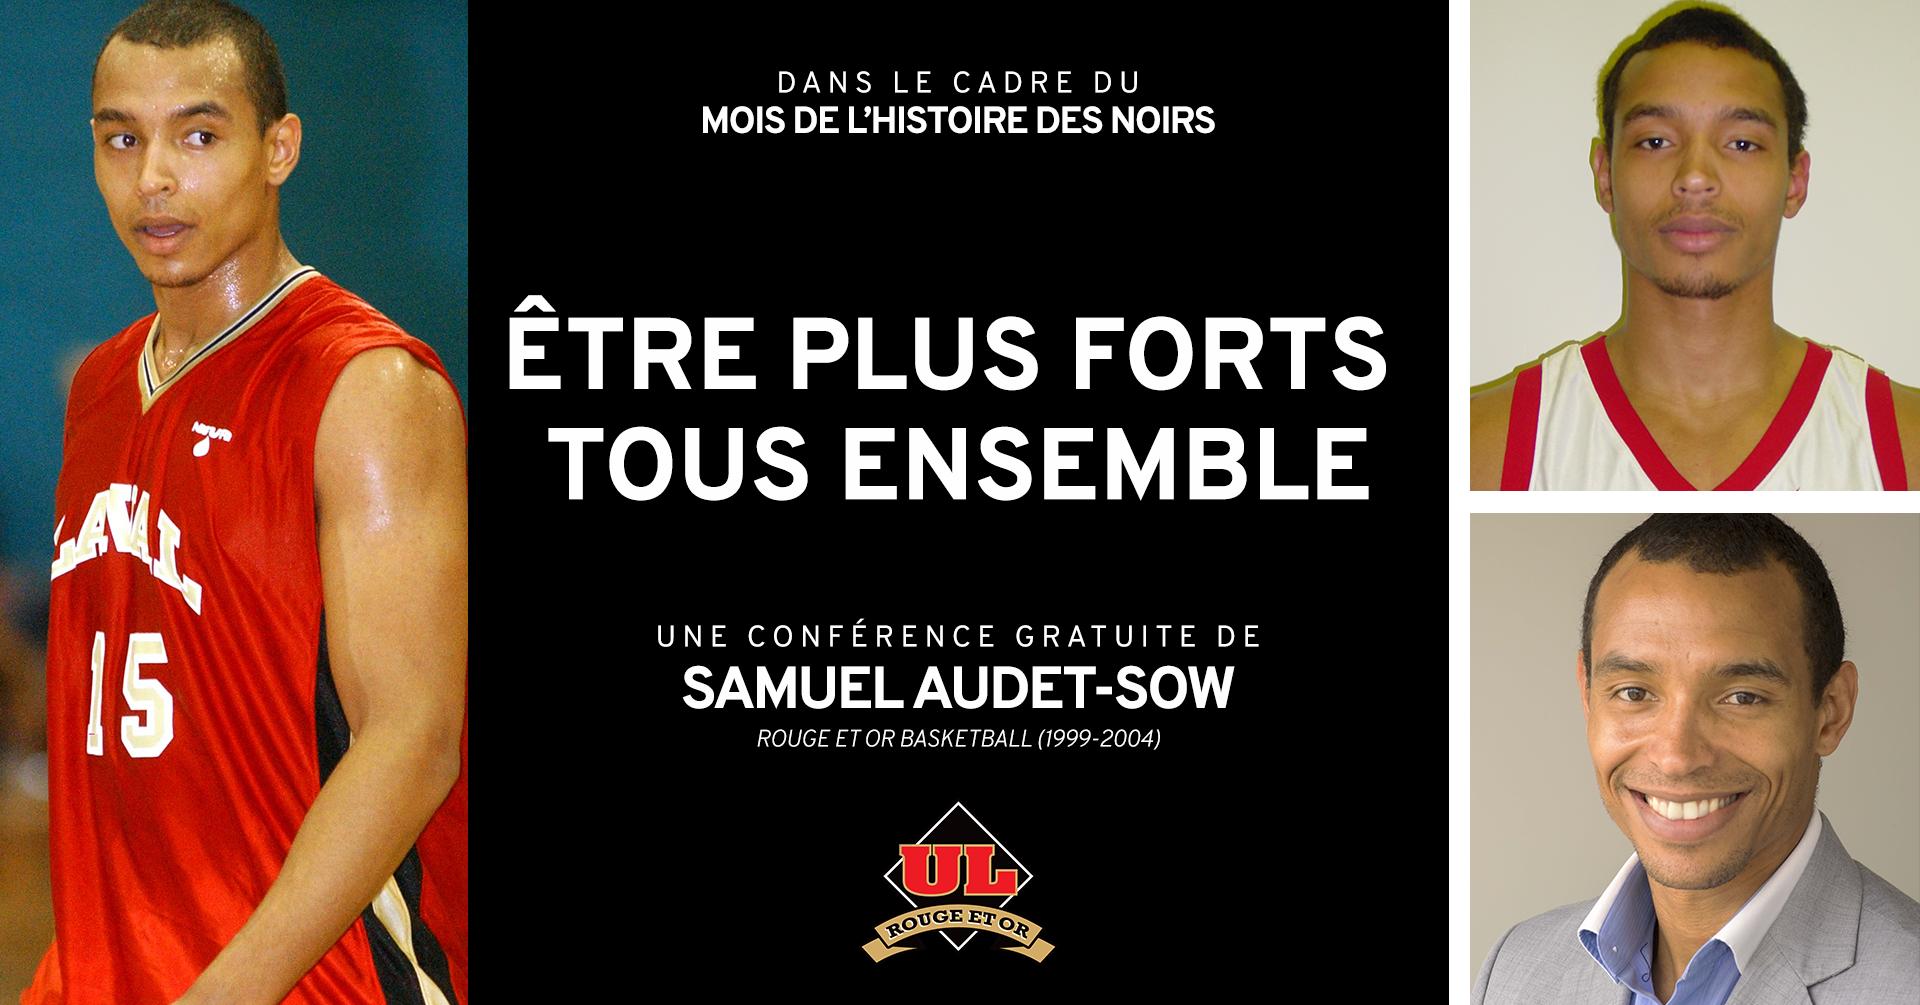 Rouge et Or, Samuel-Audet-Sow: Être plus forts tous ensemble